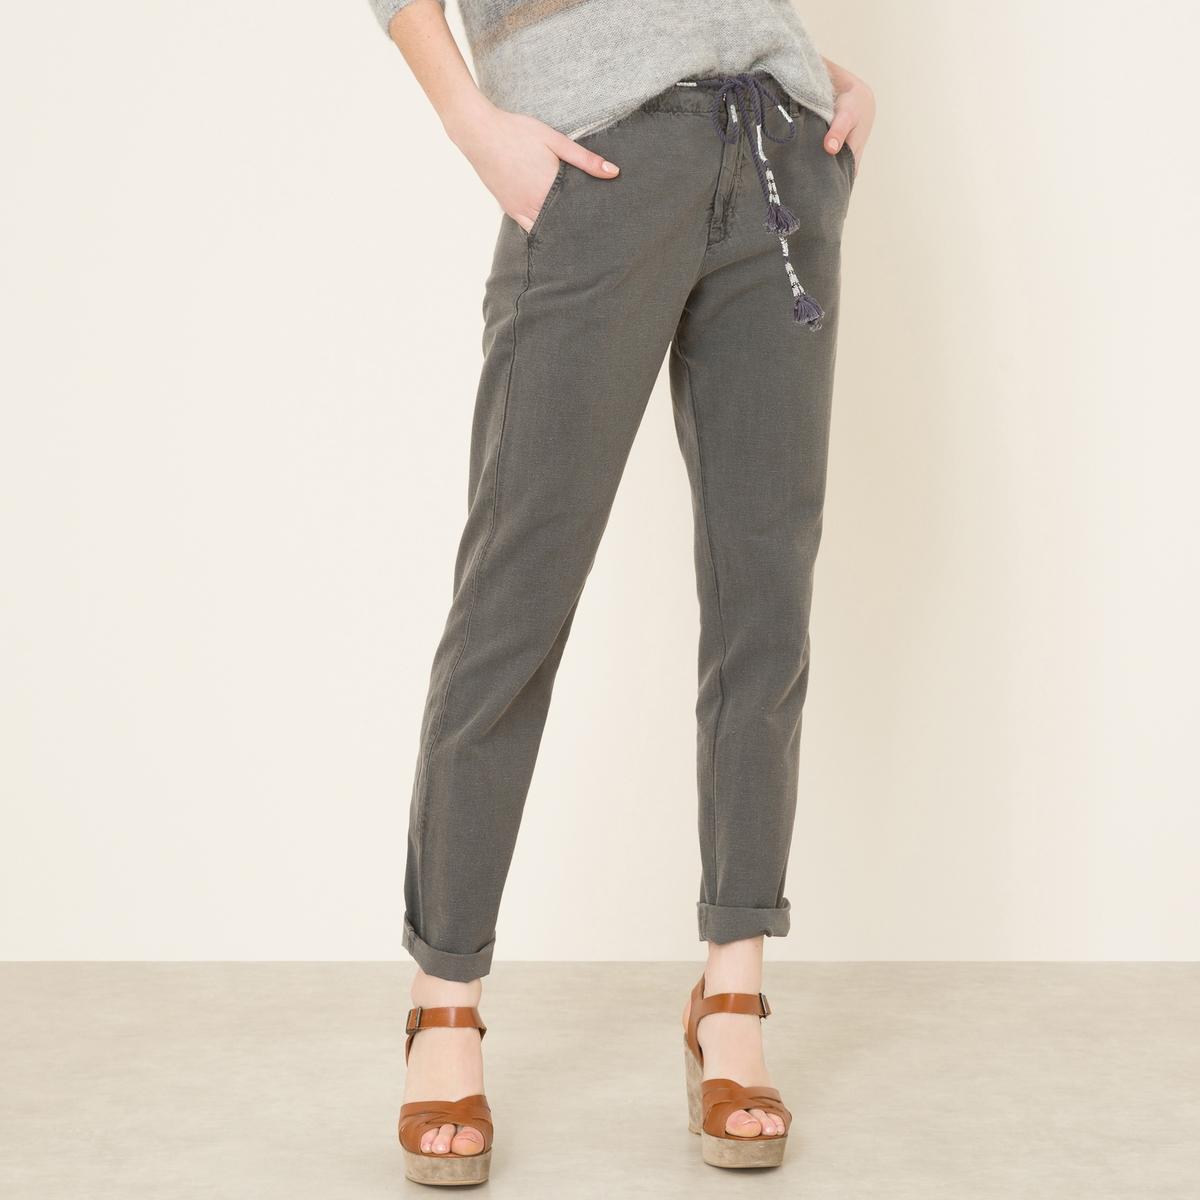 Брюки с оригинальным ремешком брюки с ремешком gulliver брюки с ремешком